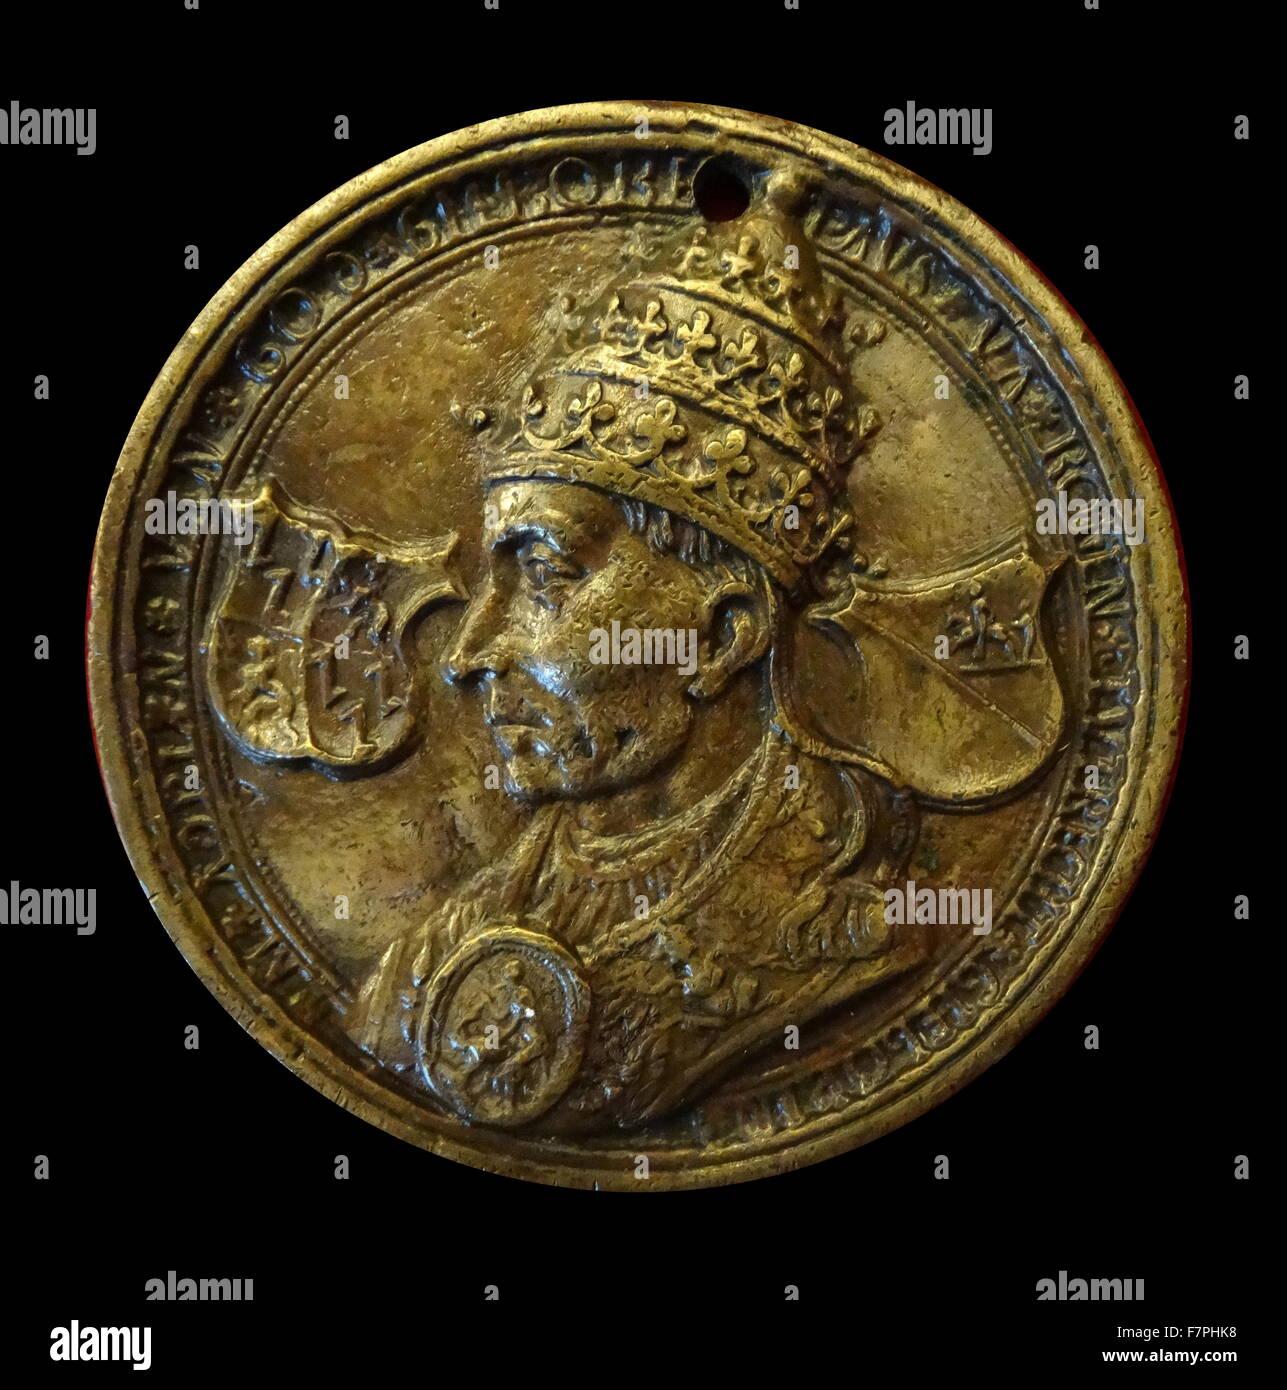 Münze Zeigt Papst Adrian Vi Niederländischen Datiert Aus Dem 16